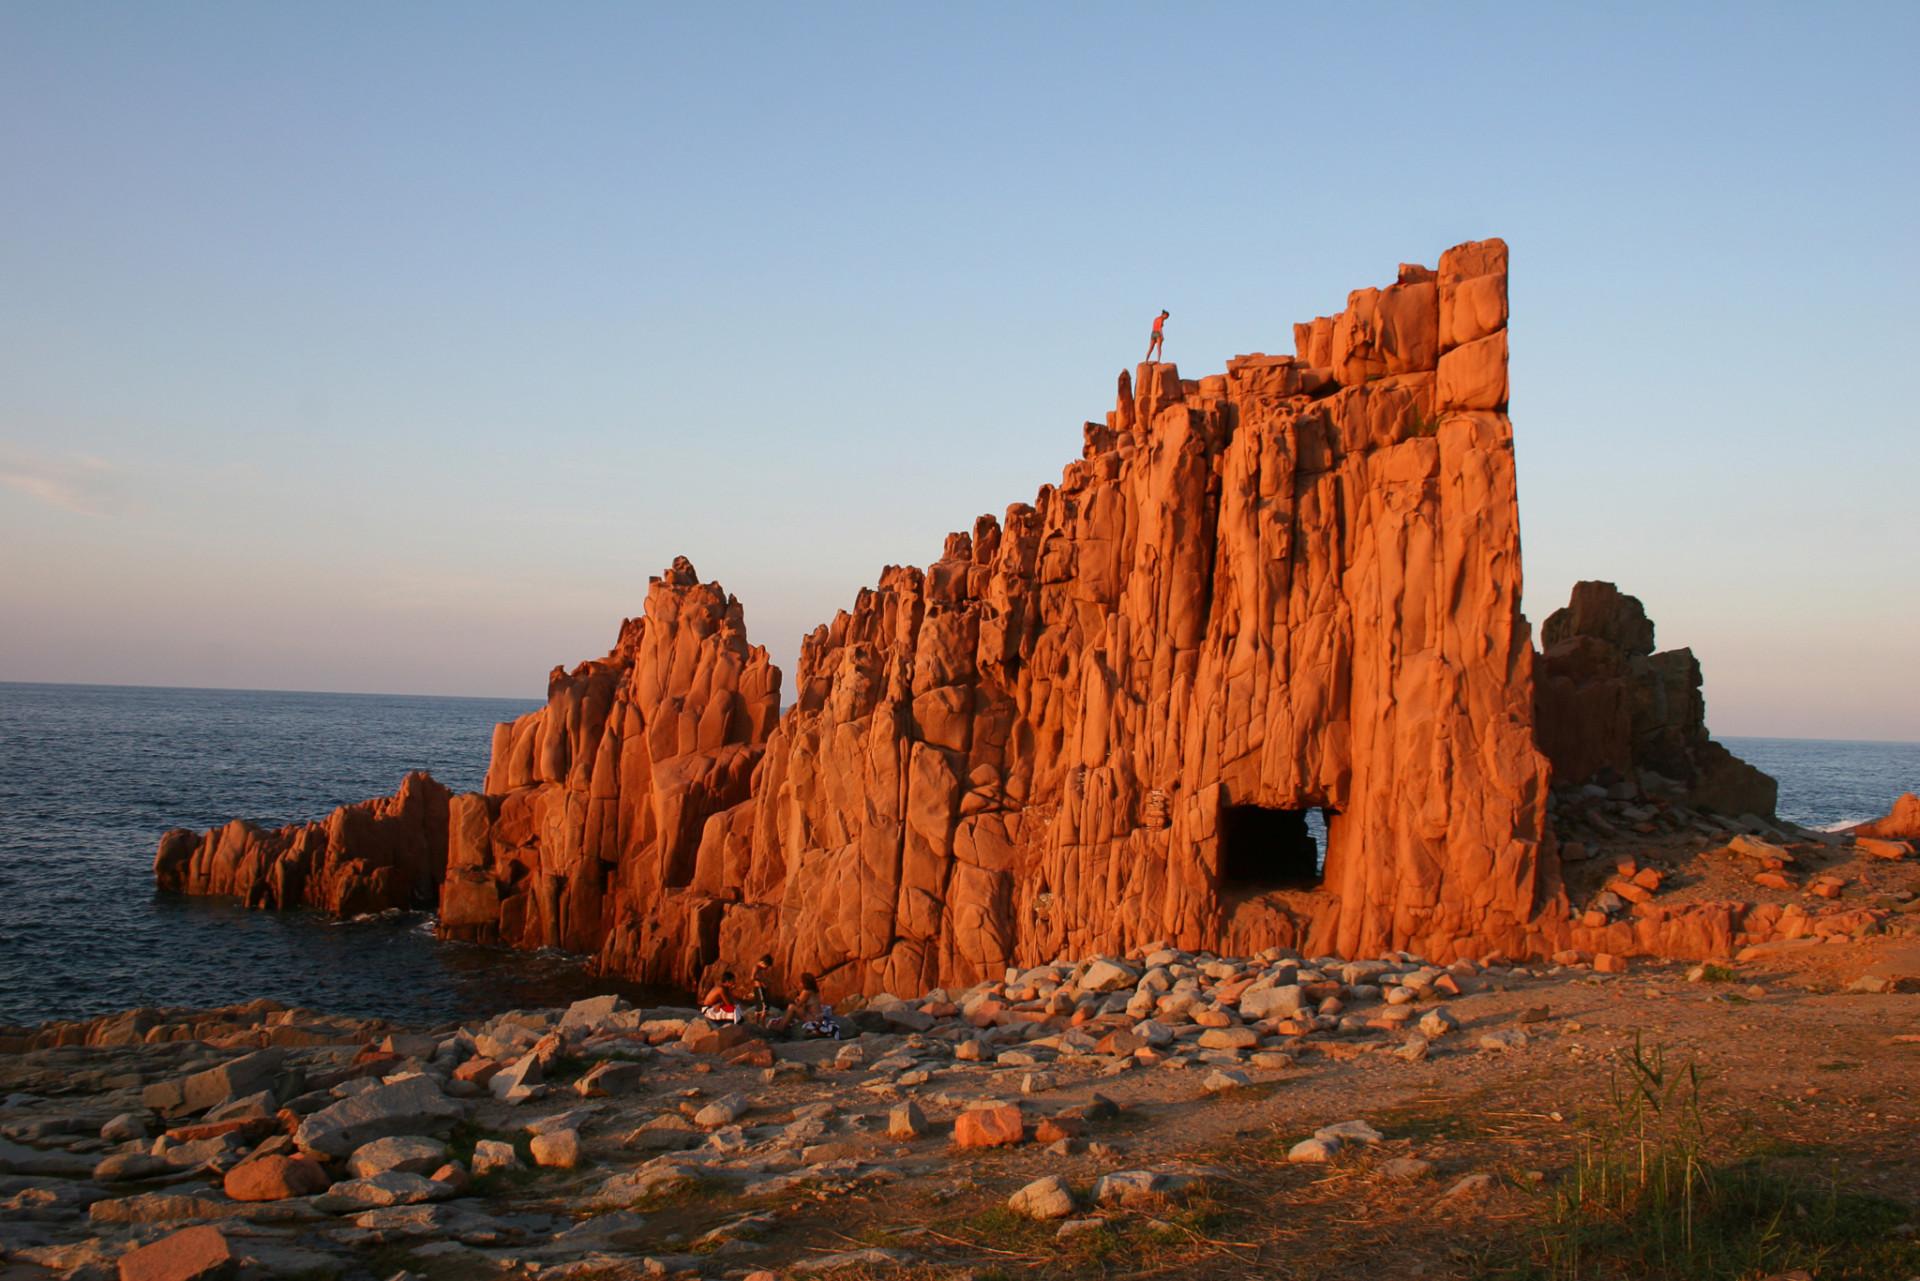 Rote Felsformation an der Küste Sardiniens